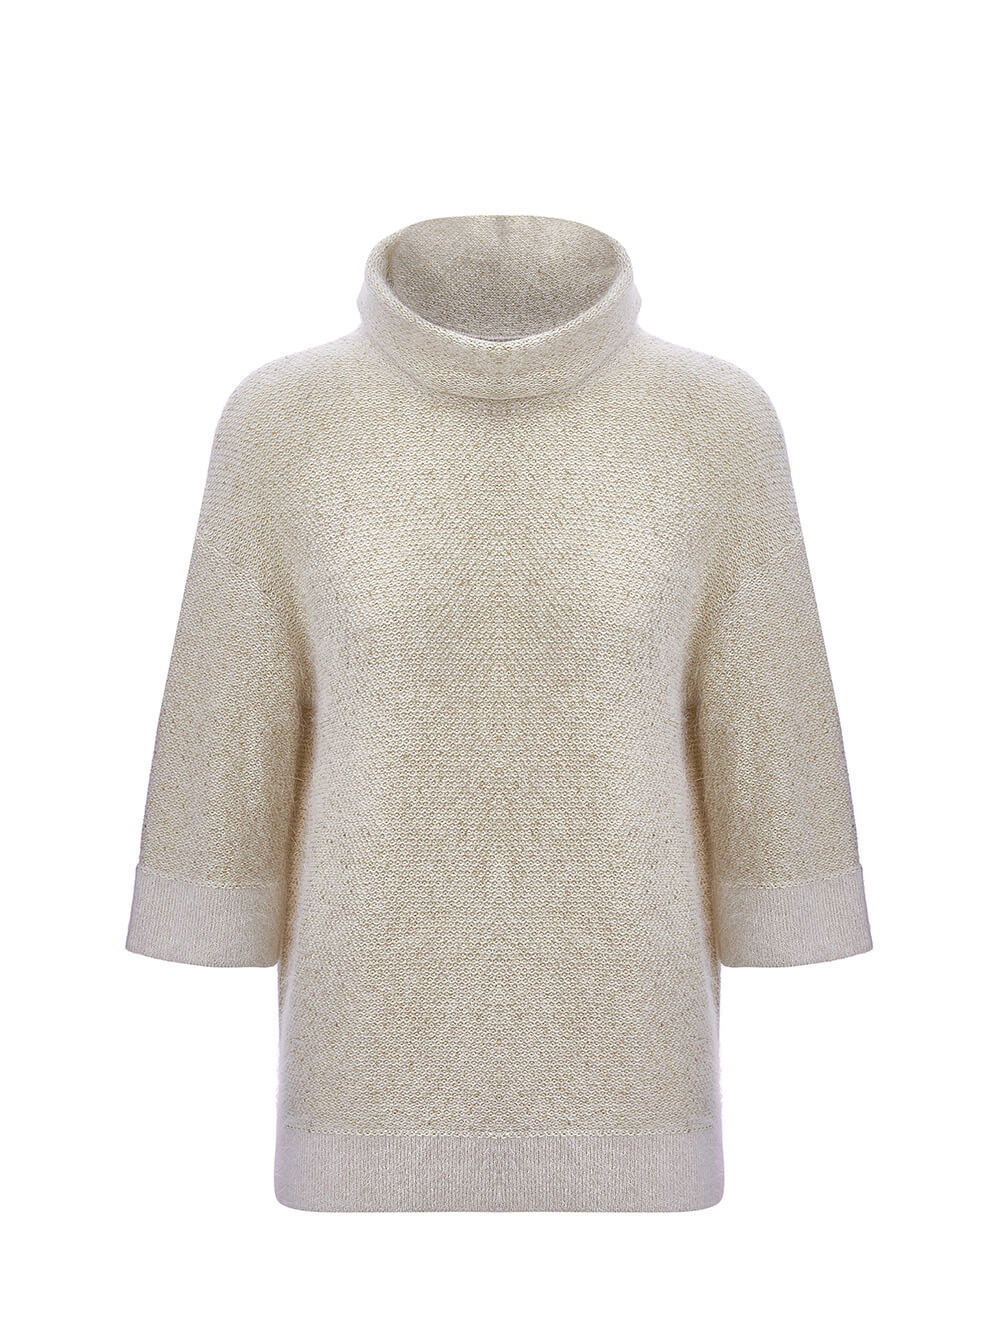 Женский свитер бежевого цвета из ангоры - фото 1